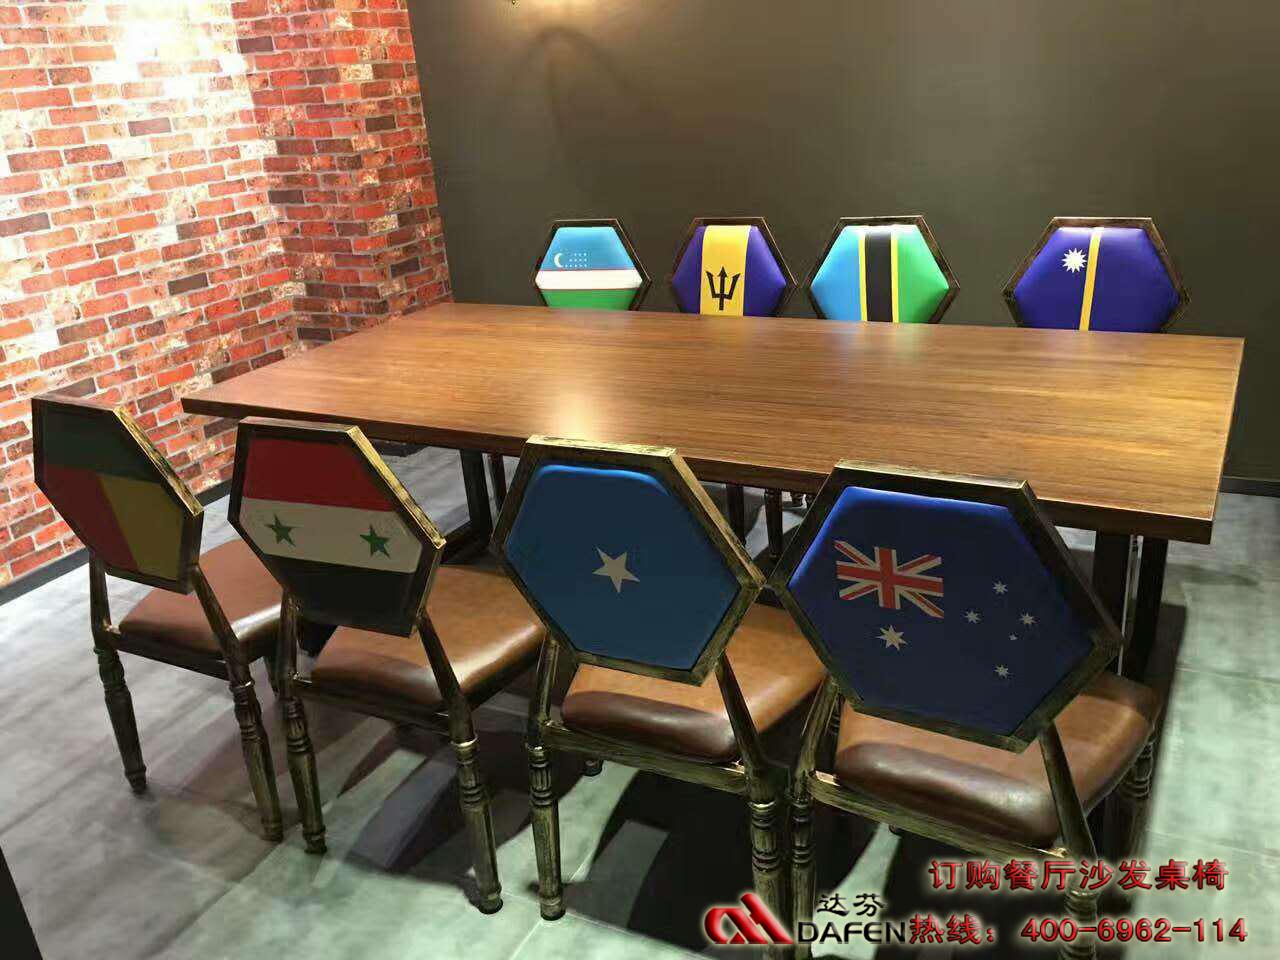 工业风主题餐厅桌椅